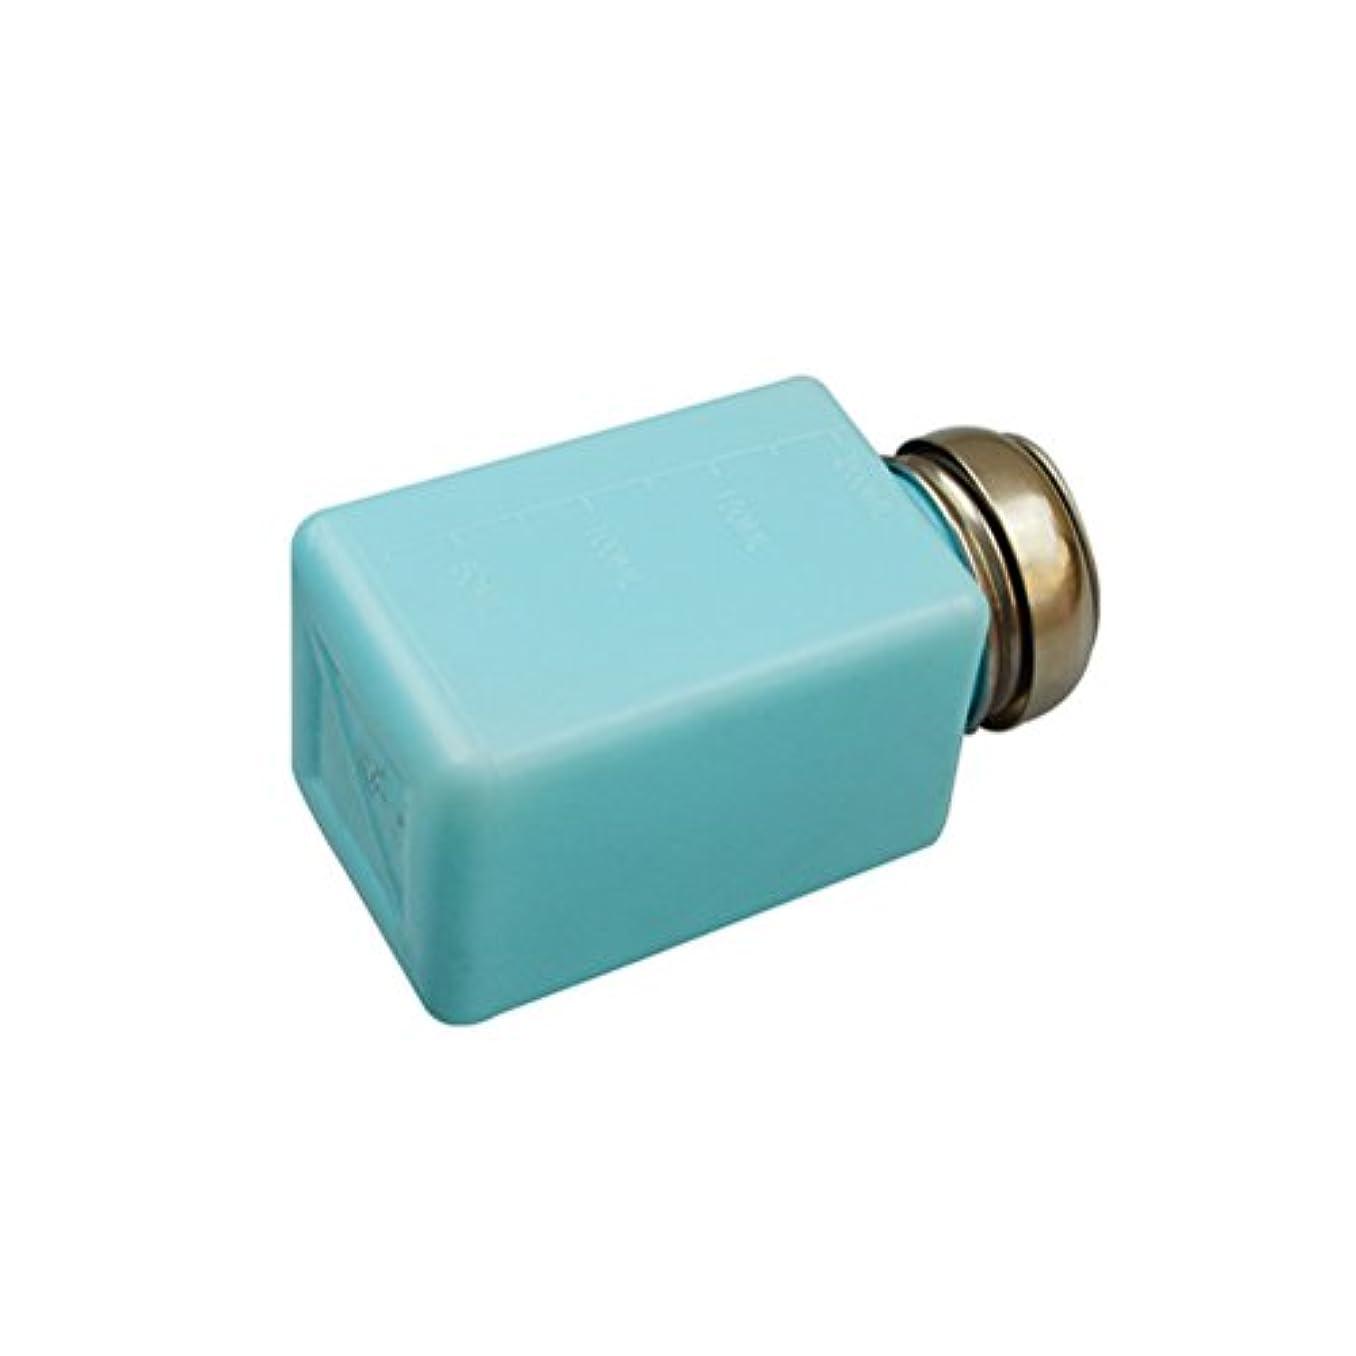 保証金ハイブリッド大胆不敵BESTOMZ アルコールボトル 便利 クレンジングオイル 小分け容器 静電防止 200ML(青)